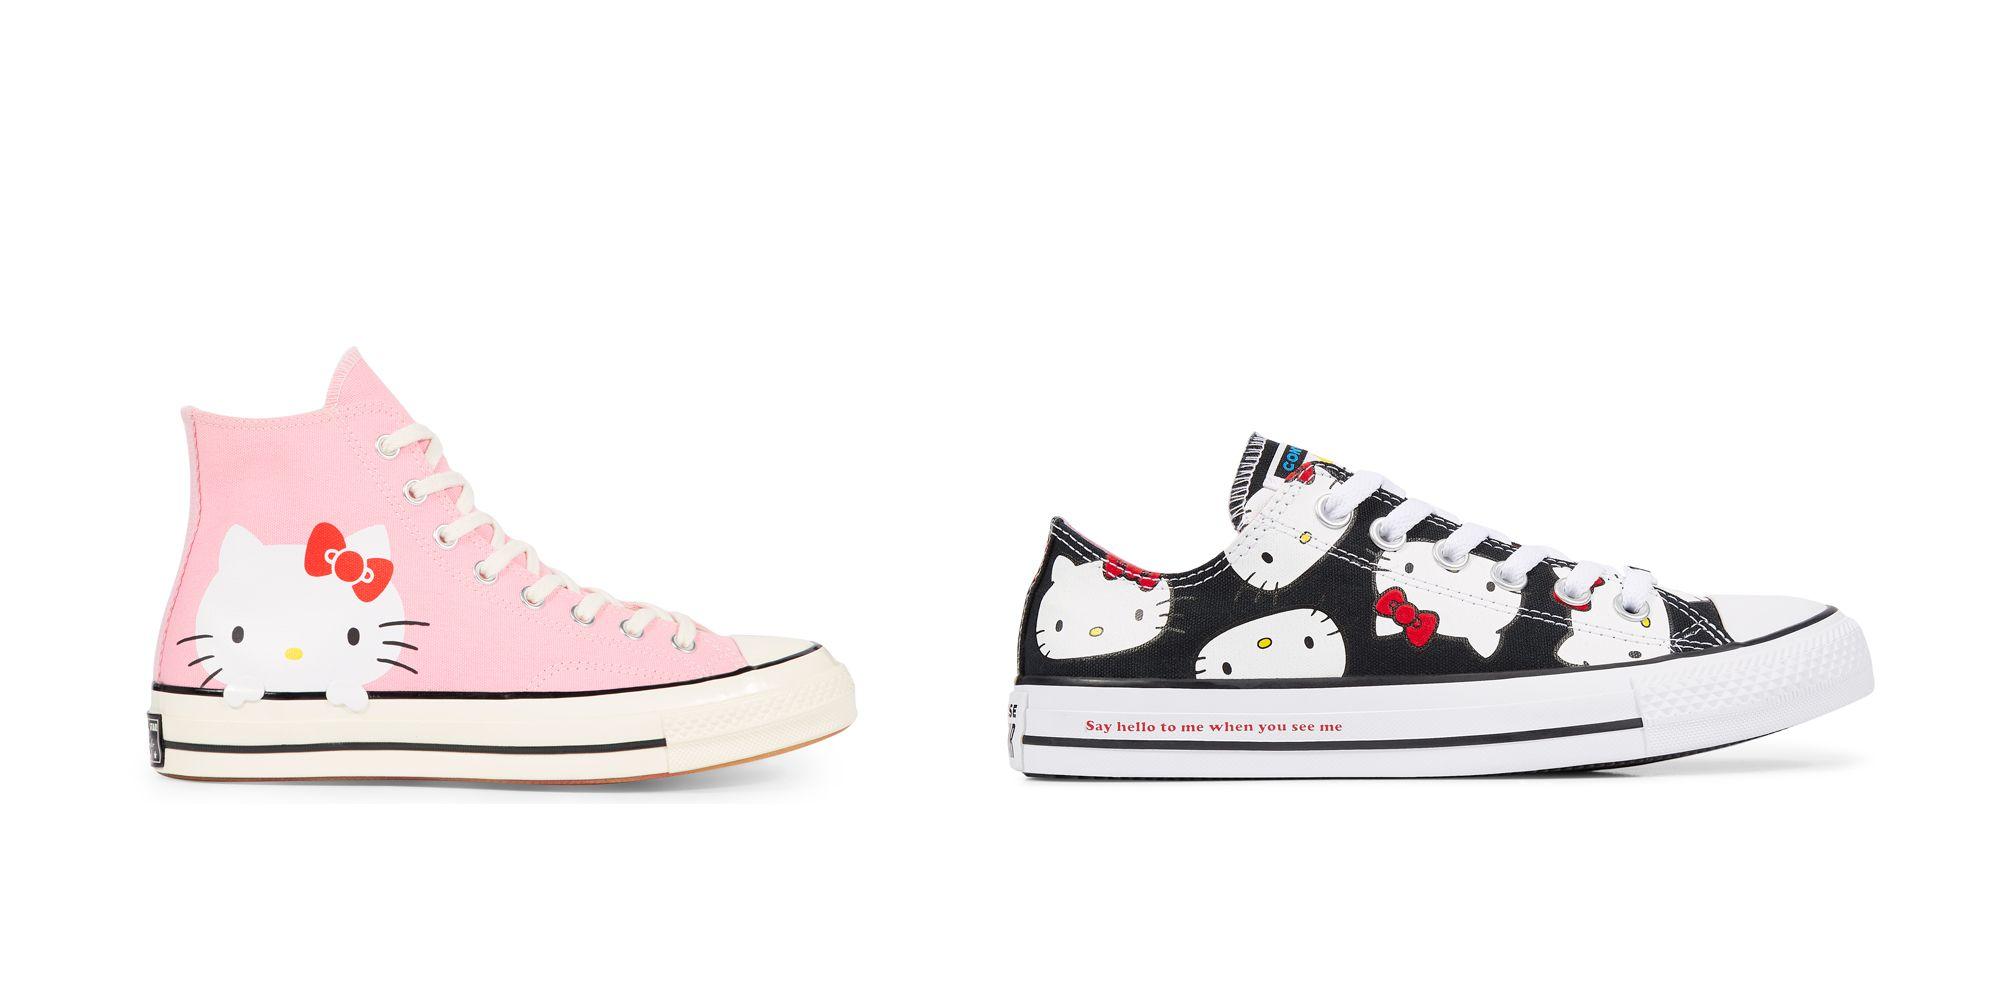 37a85eefd98 ... zapatos converse en el salvador 81c3d 2c797 cheapest converse hello  kitty 53a7a 5fa38 ...